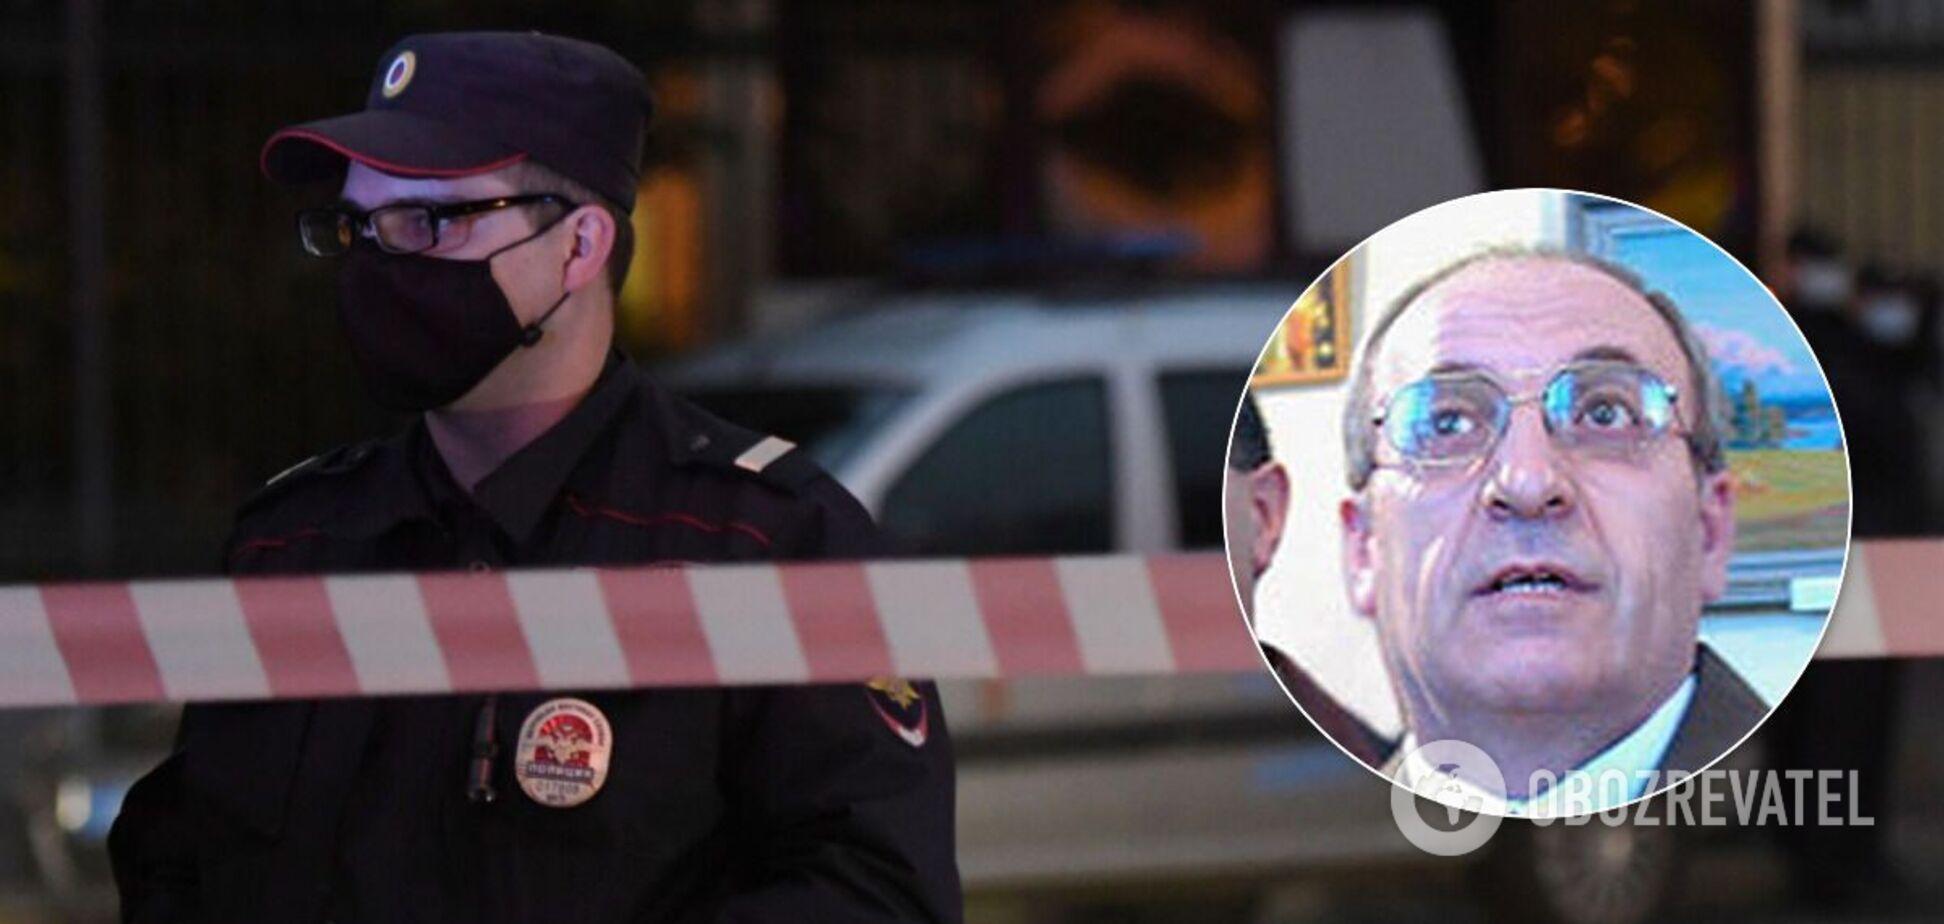 В Перми нашли застреленным Ашота Саркисяна